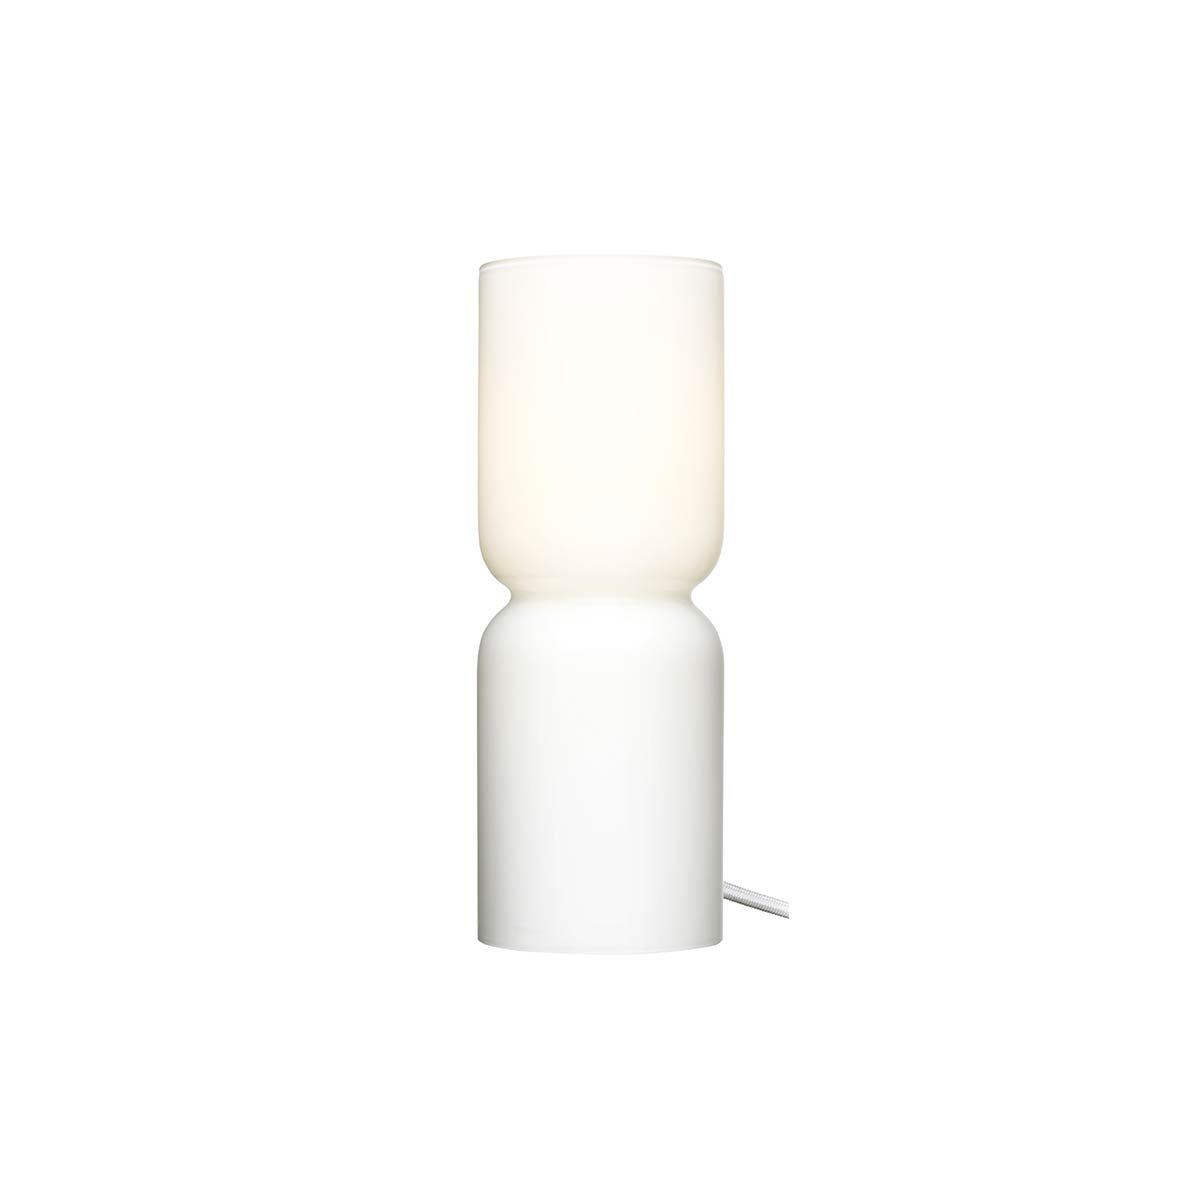 Iittala Lanterne de Harri Koskinen 1009434